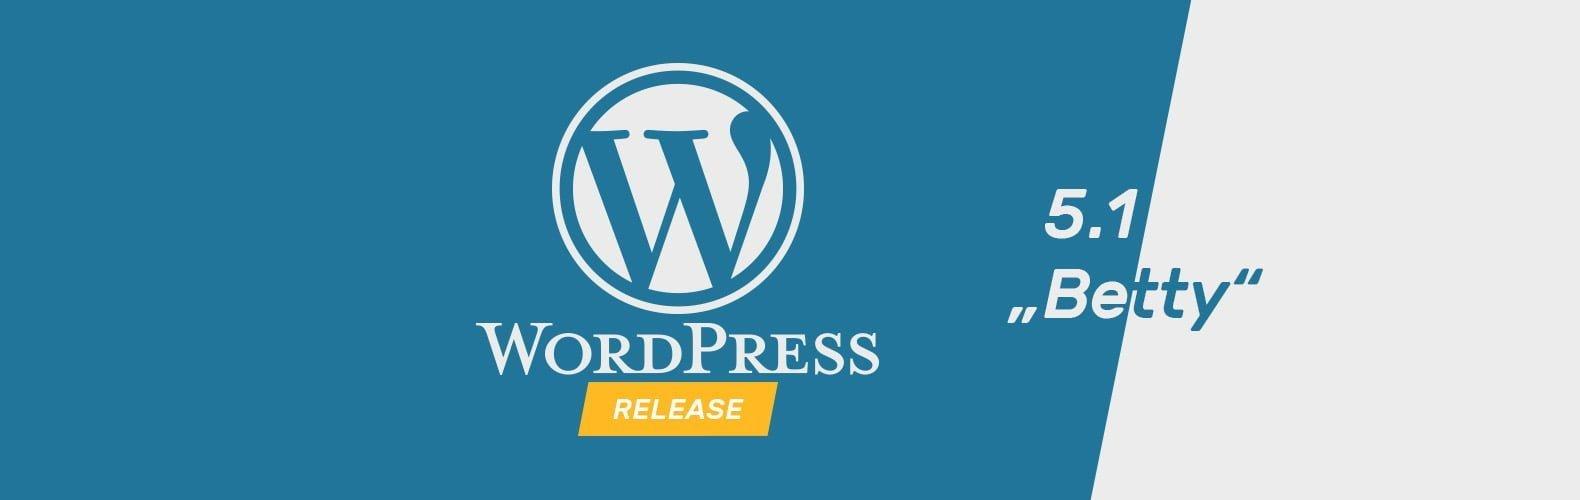 """WordPress Update """"Betty"""" 5.1"""